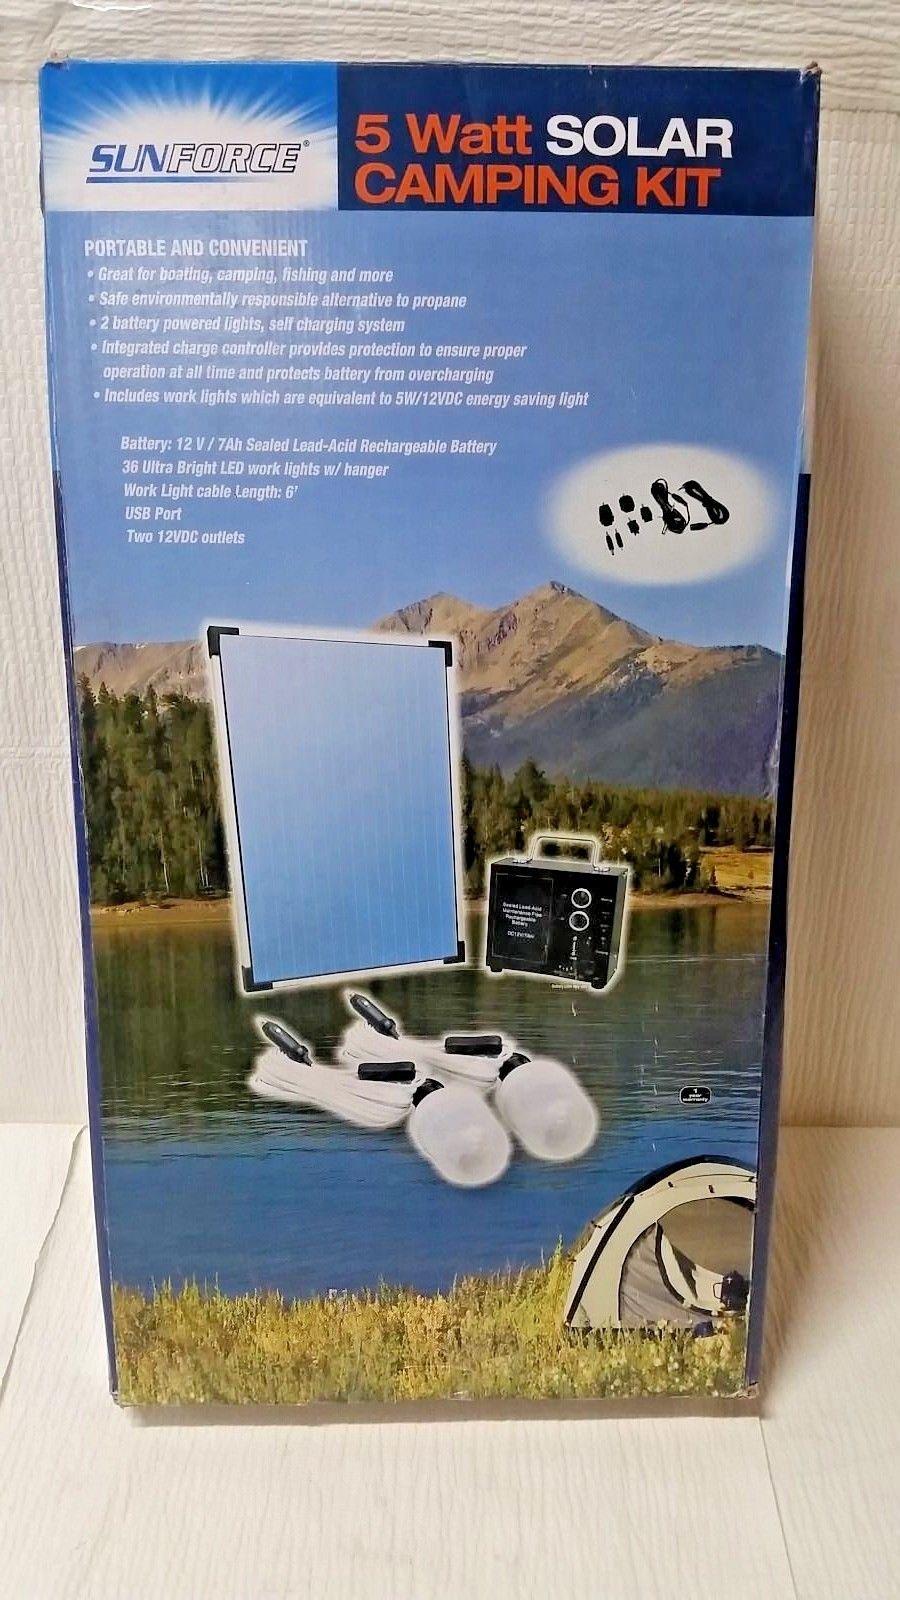 NPower 5 Watt Solar Camping Kit